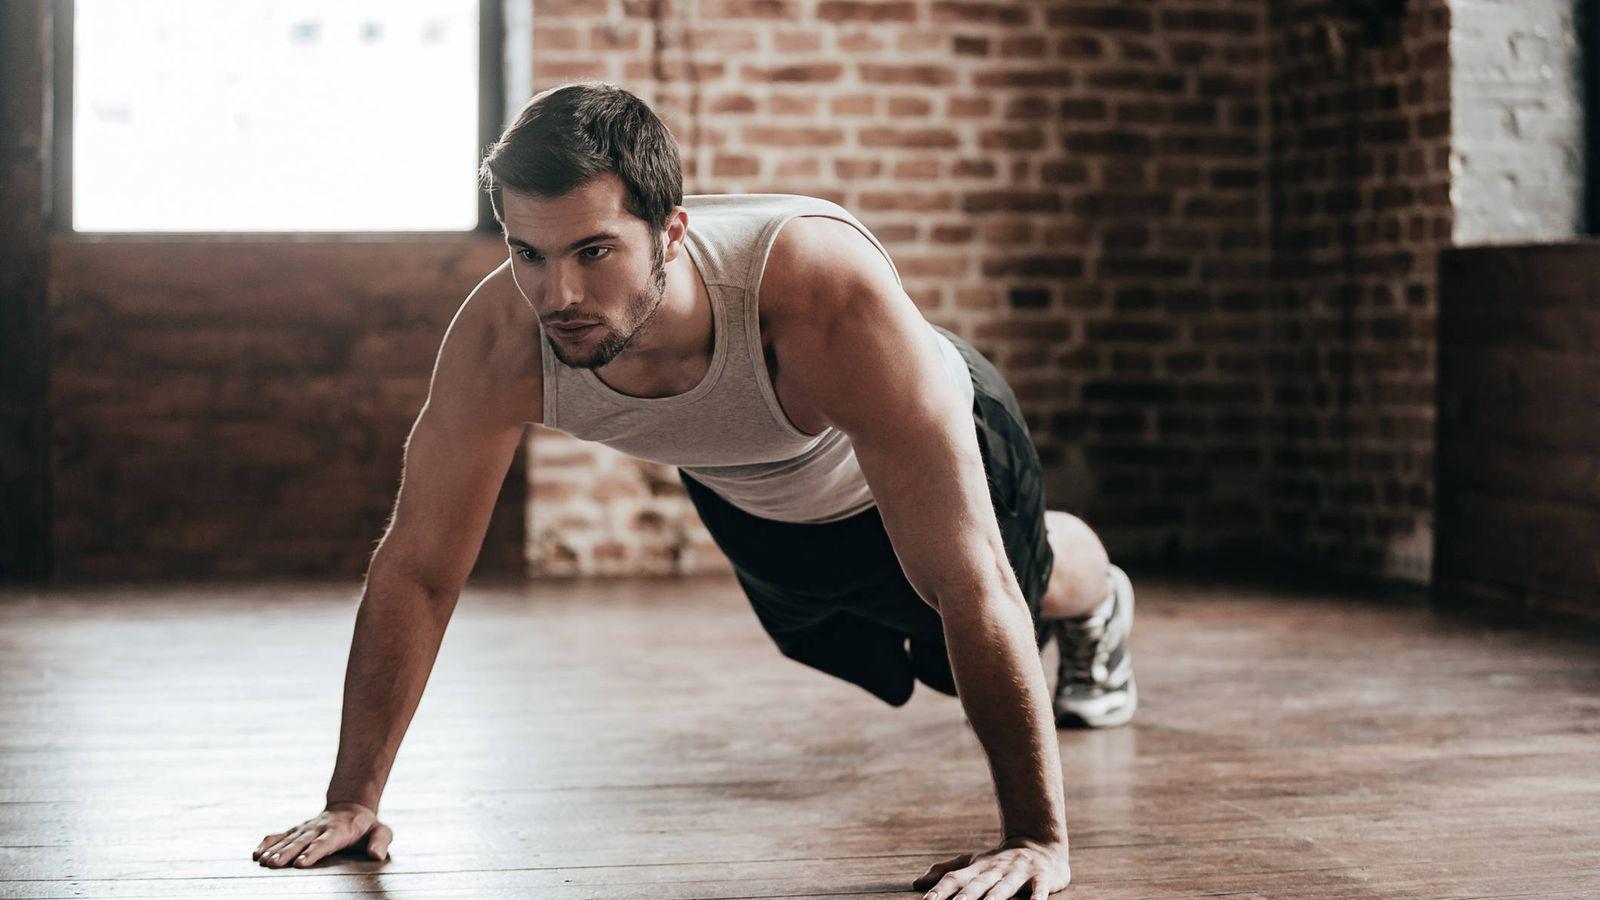 Persona haciendo ejercicio para rebjar